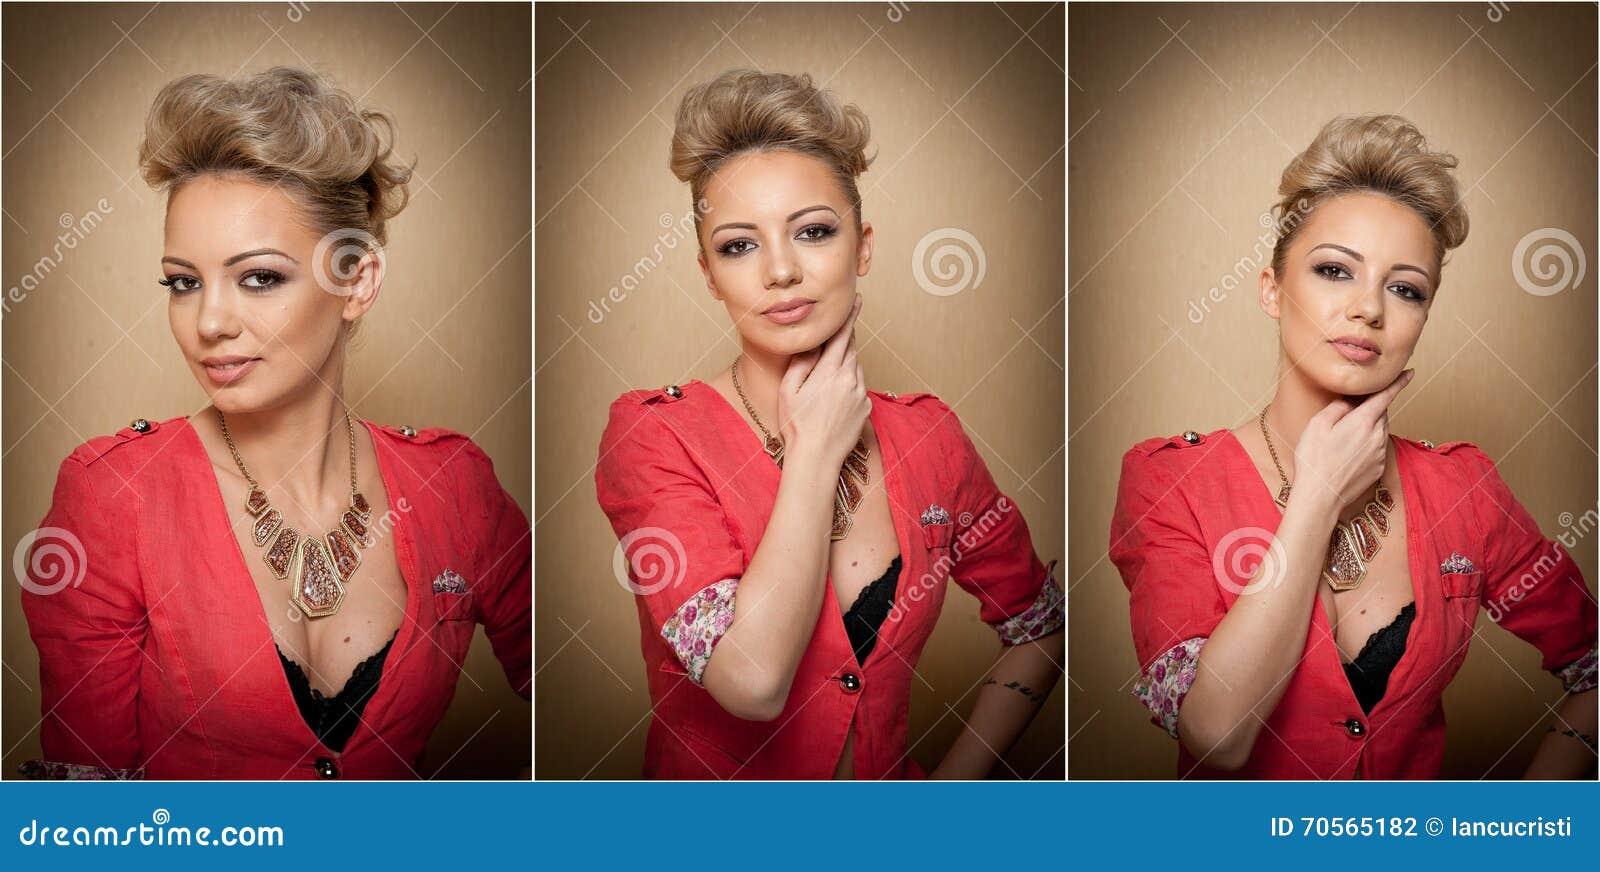 Frisur Und Make Up Herrliches Weibliches Kunstportrat Mit Schonen